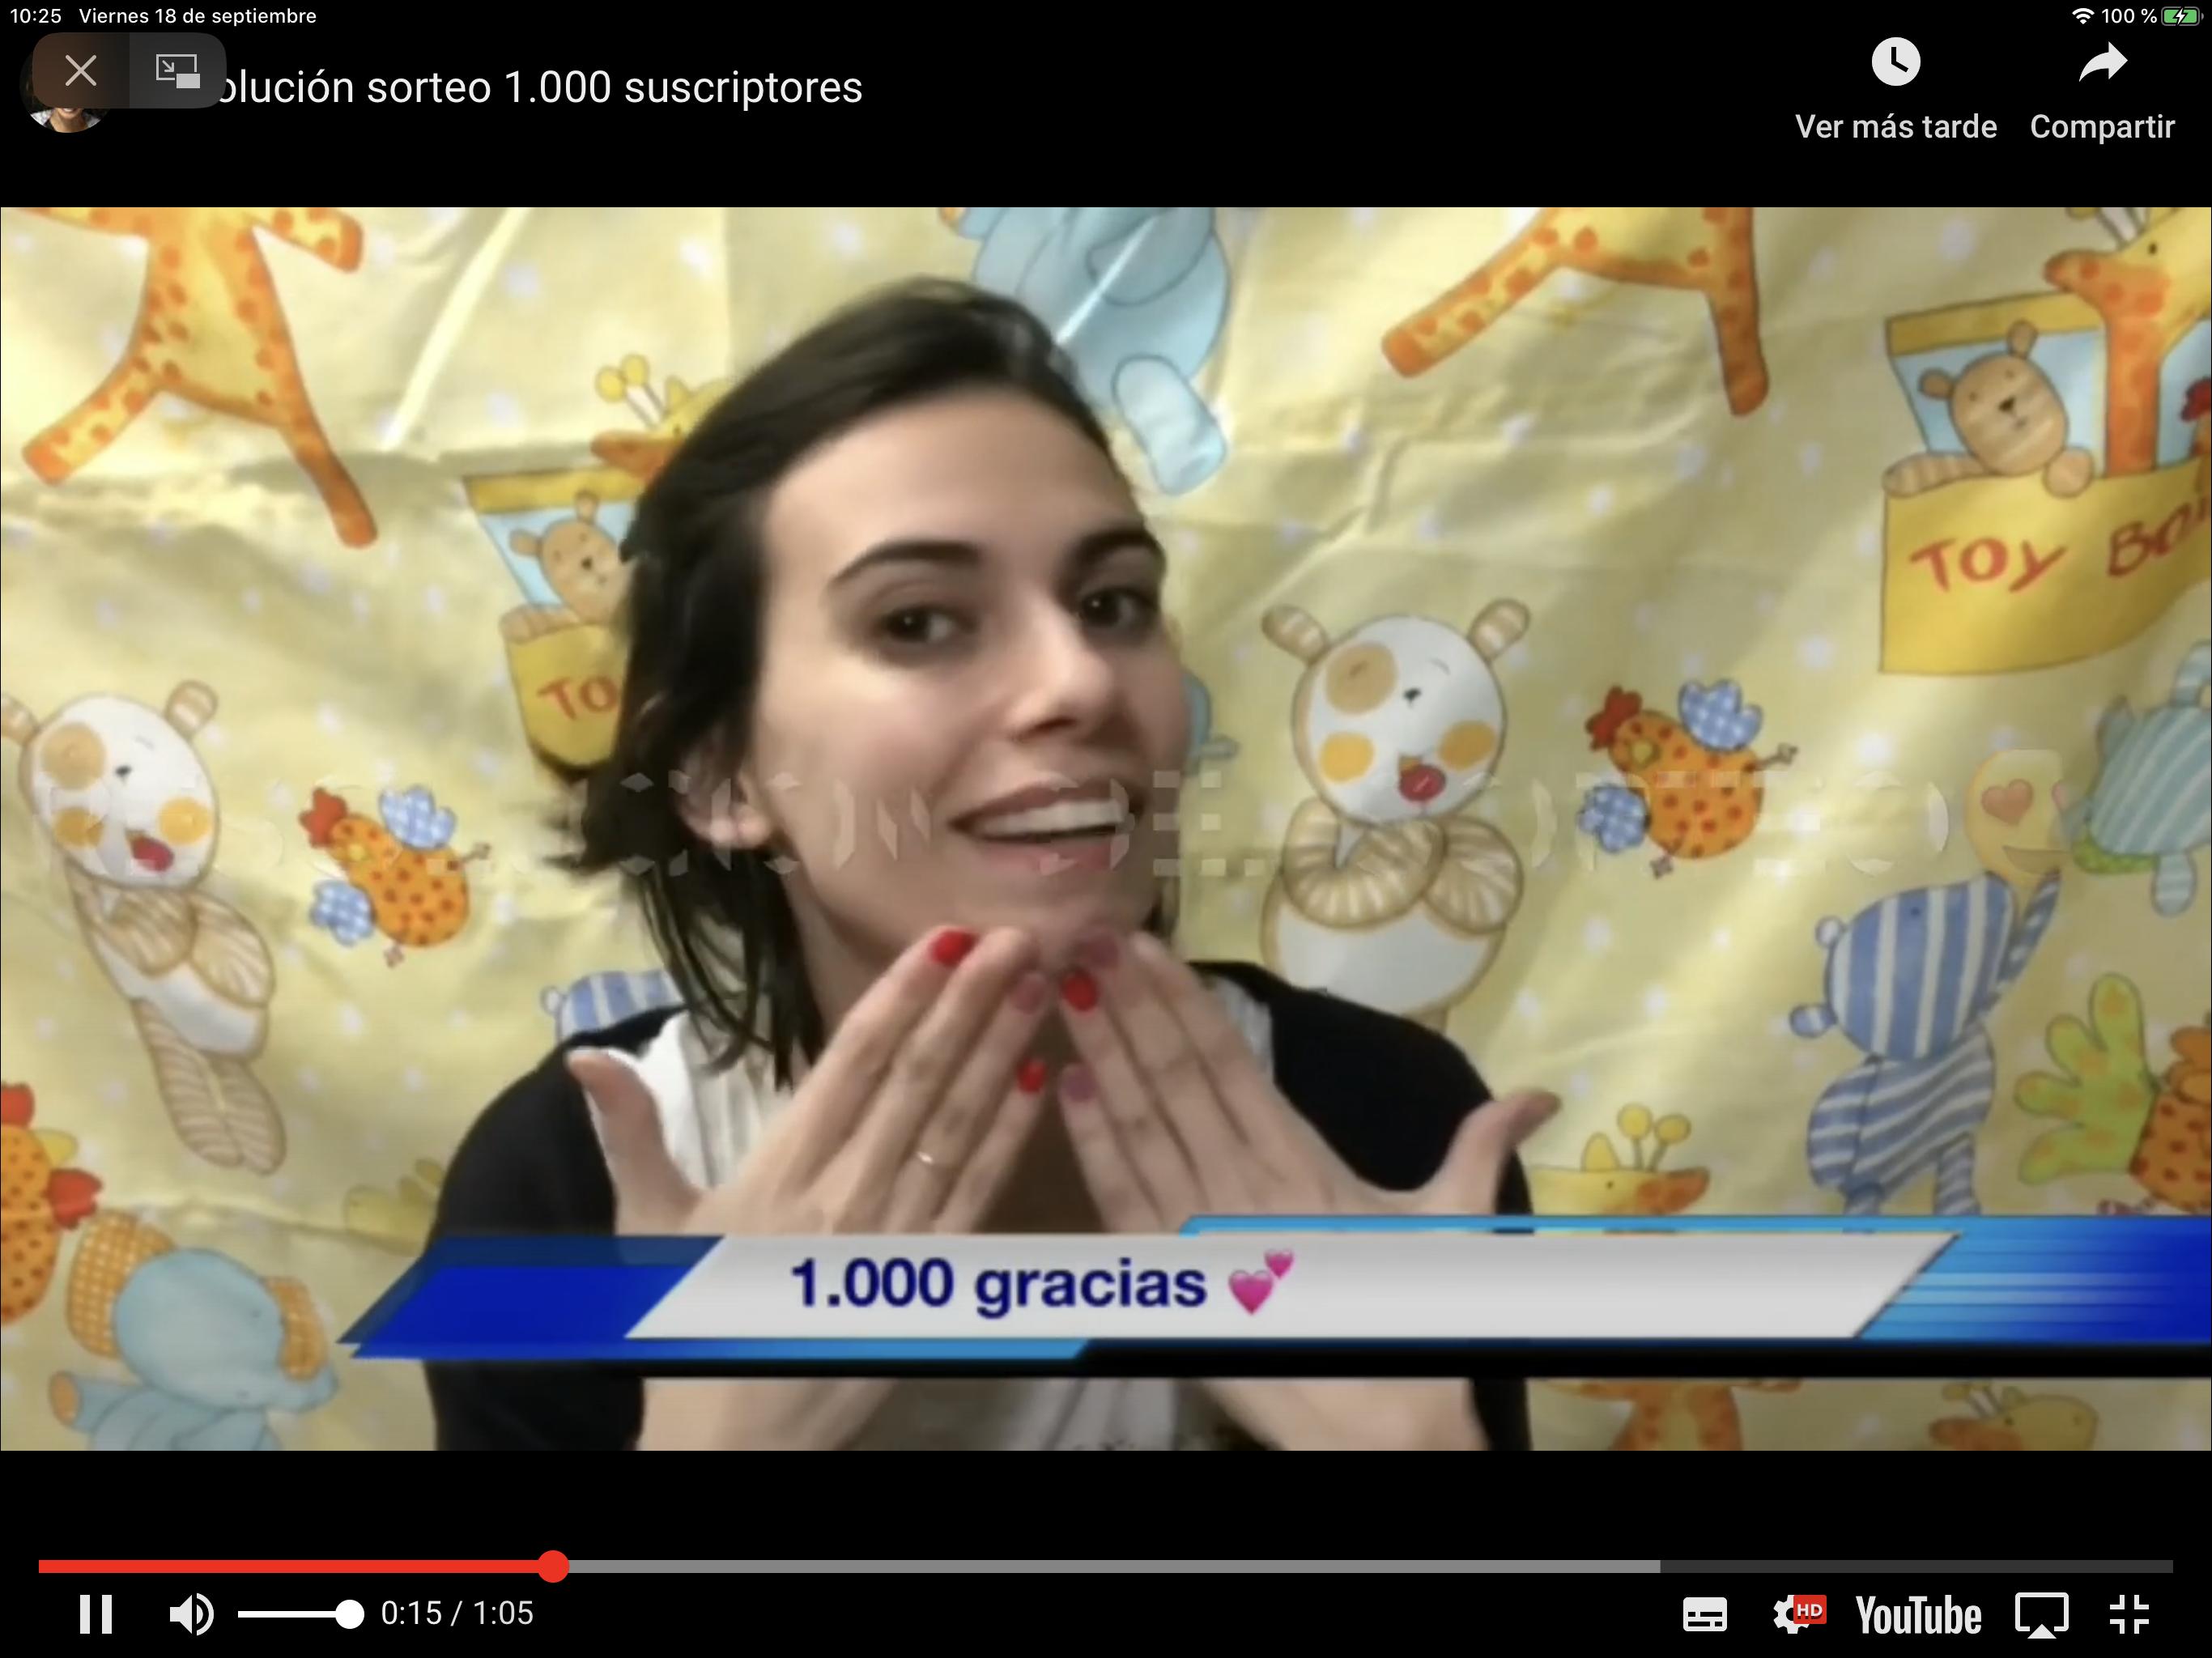 Resultado sorteo: 1000 YouTube